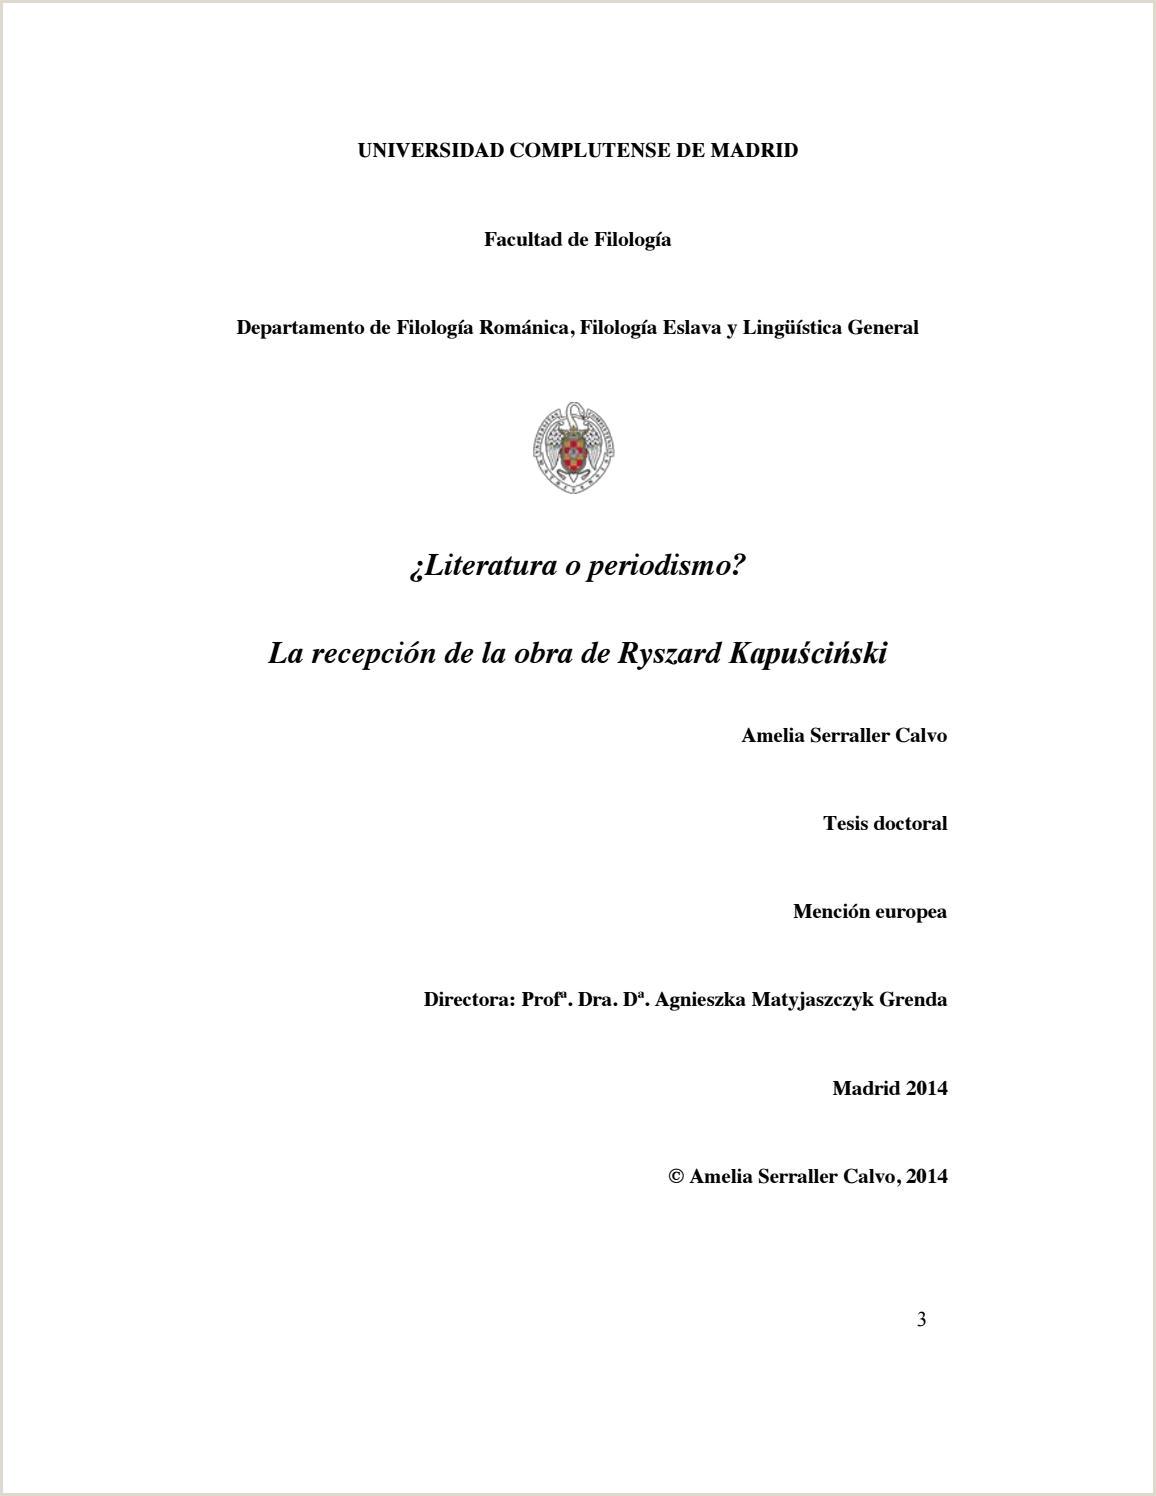 Formato Unico Hoja De Vida Comision Nacional Del Servicio Civil Literatura O Periodismo La Recepci³n De La Obra De Ryzard